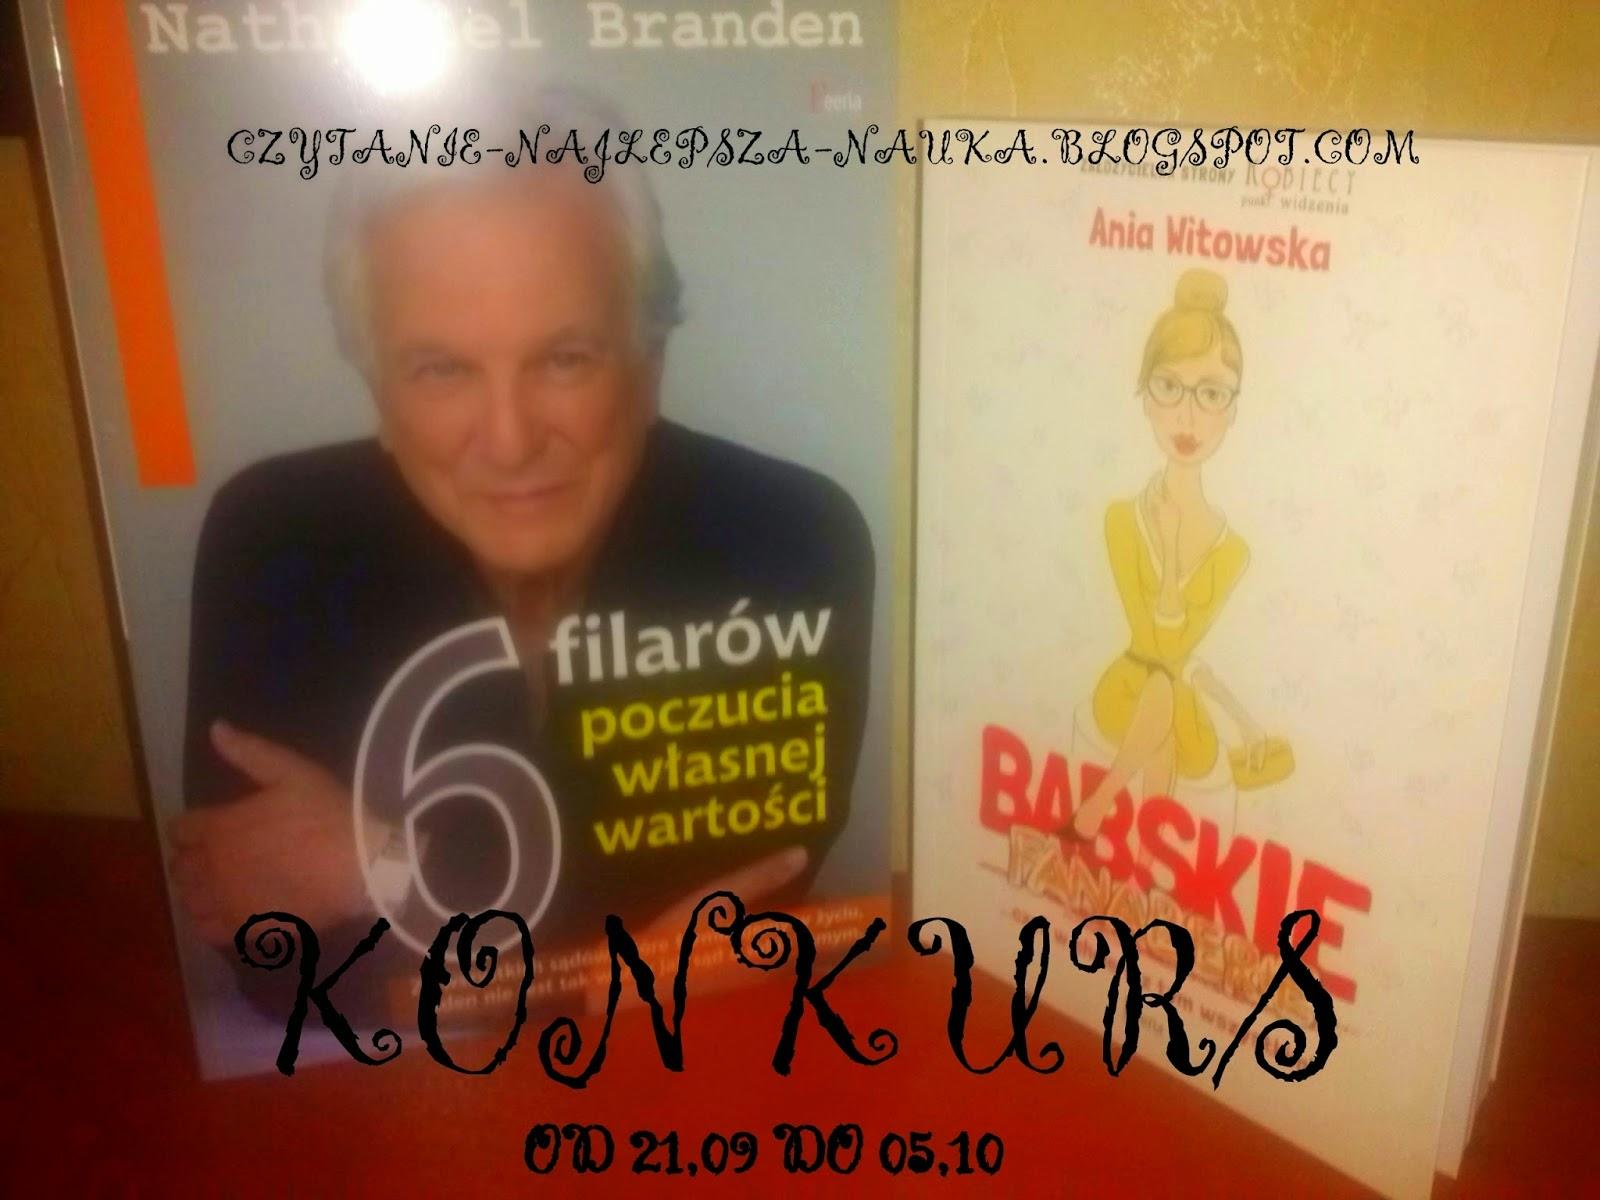 http://czytanie-najlepsza-nauka.blogspot.com/2014/10/przeduzenie-konkursu.html